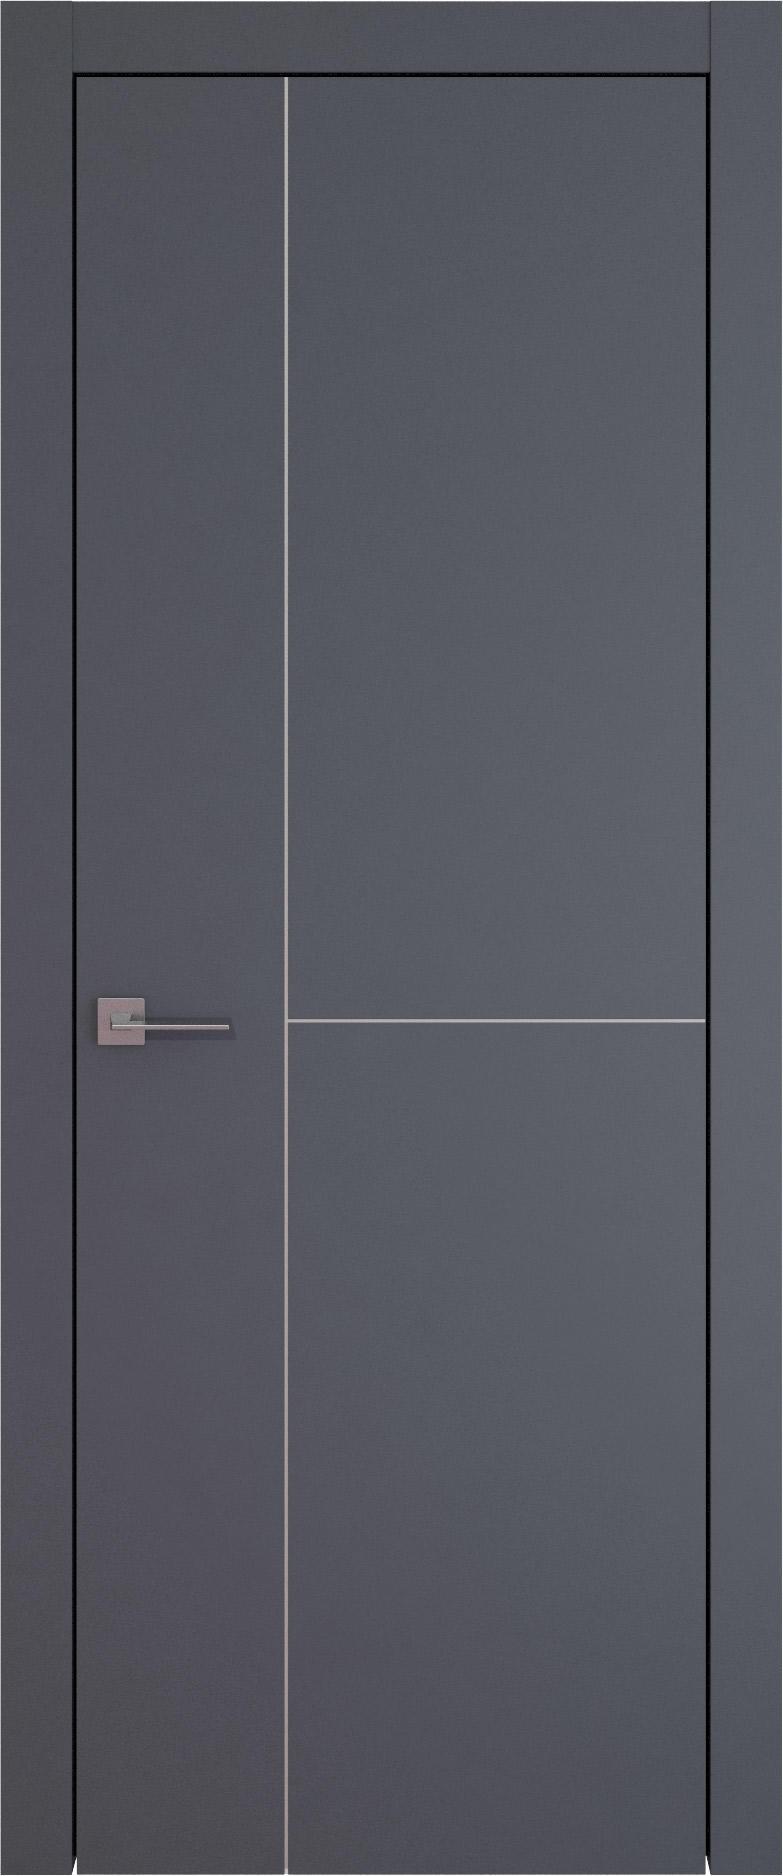 Tivoli Г-1 цвет - Графитово-серая эмаль (RAL 7024) Без стекла (ДГ)